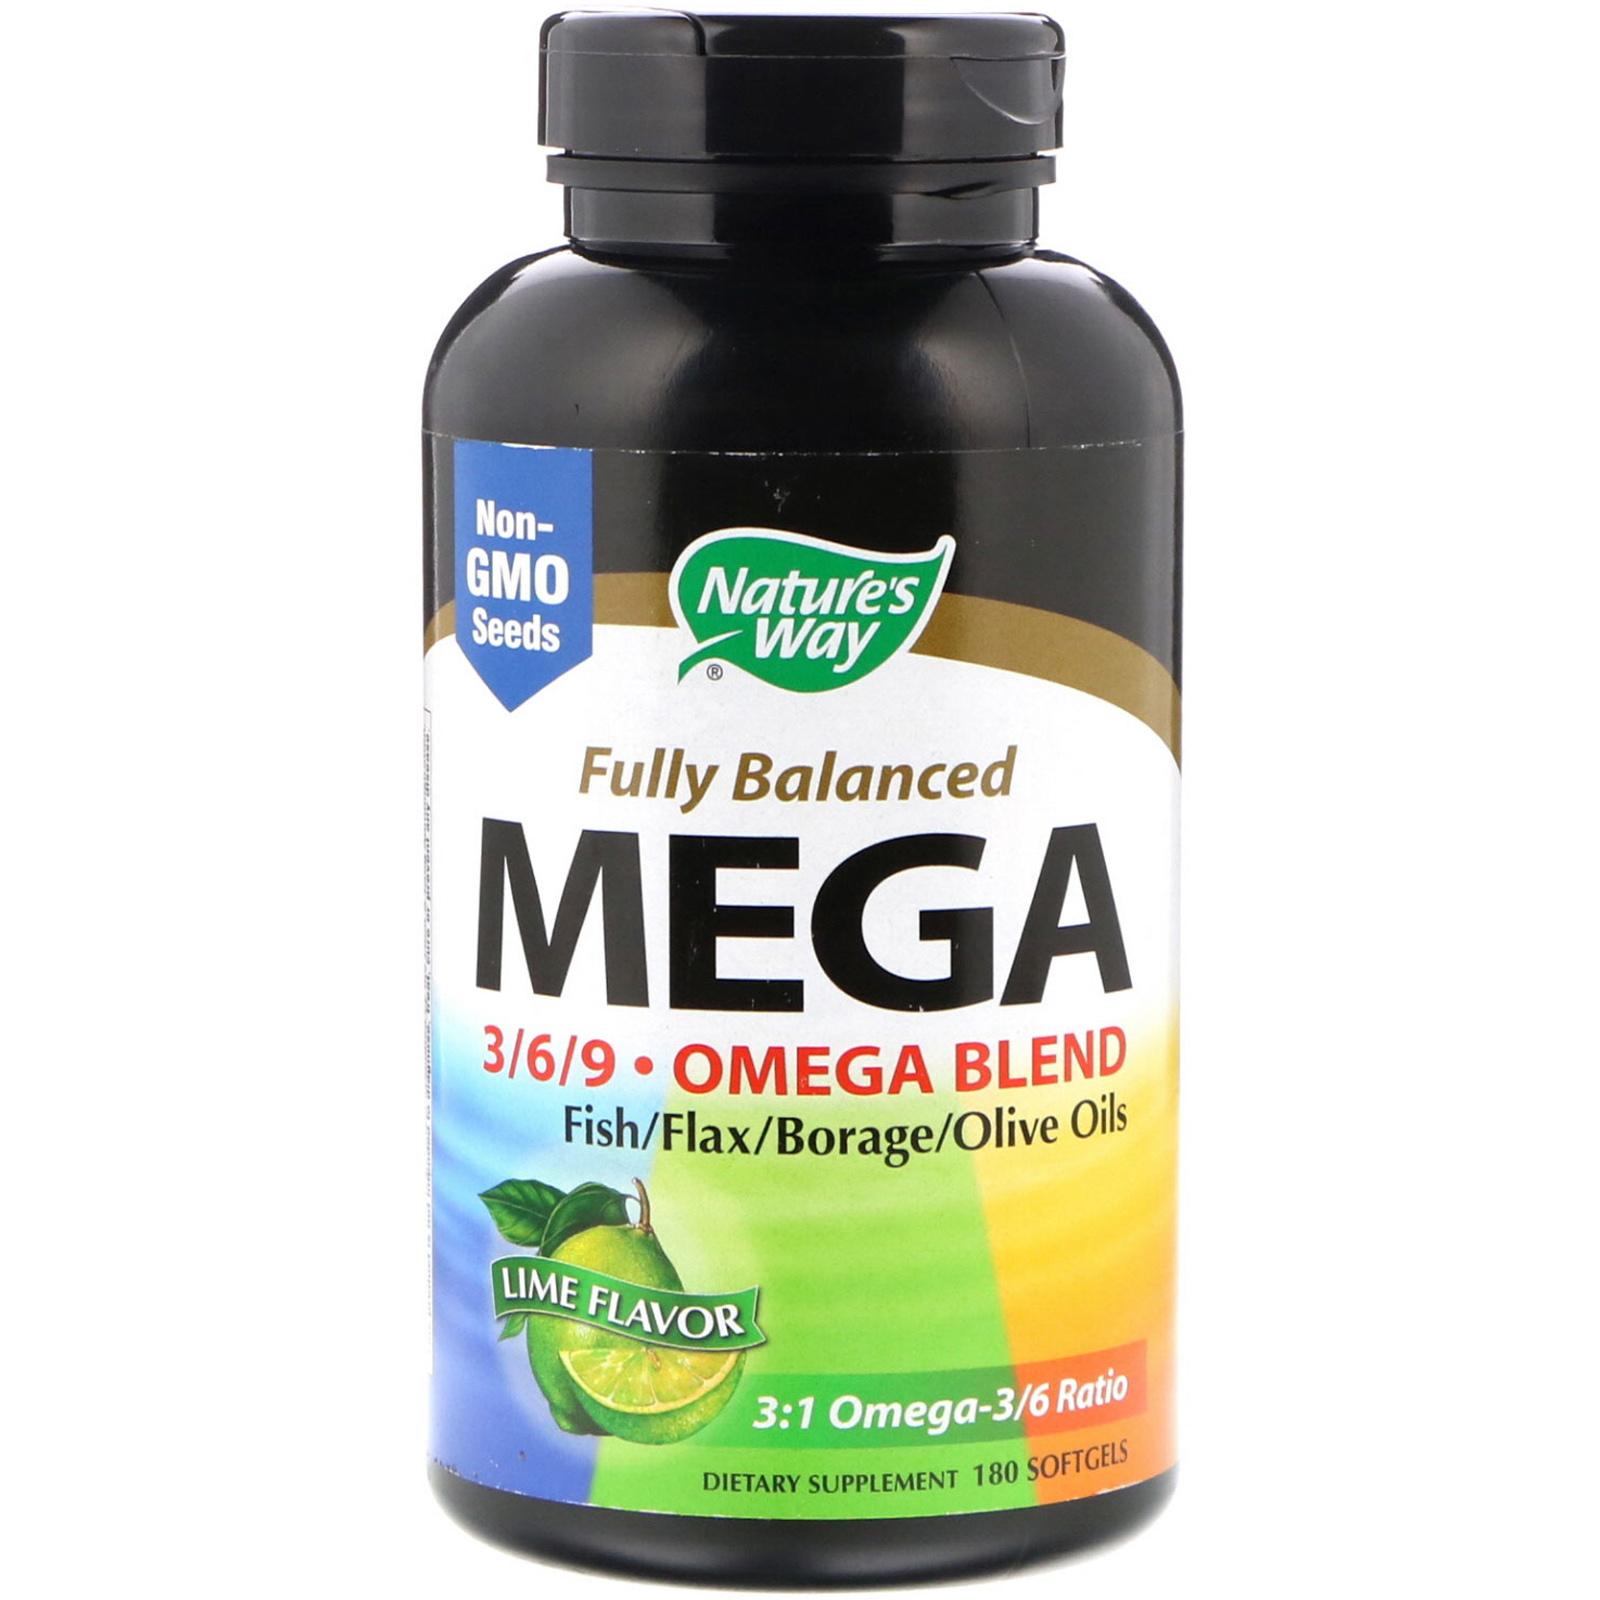 Nature S Way Fully Balanced Mega 3 6 9 Omega Blend Lime Flavor 180 Softgels Iherb